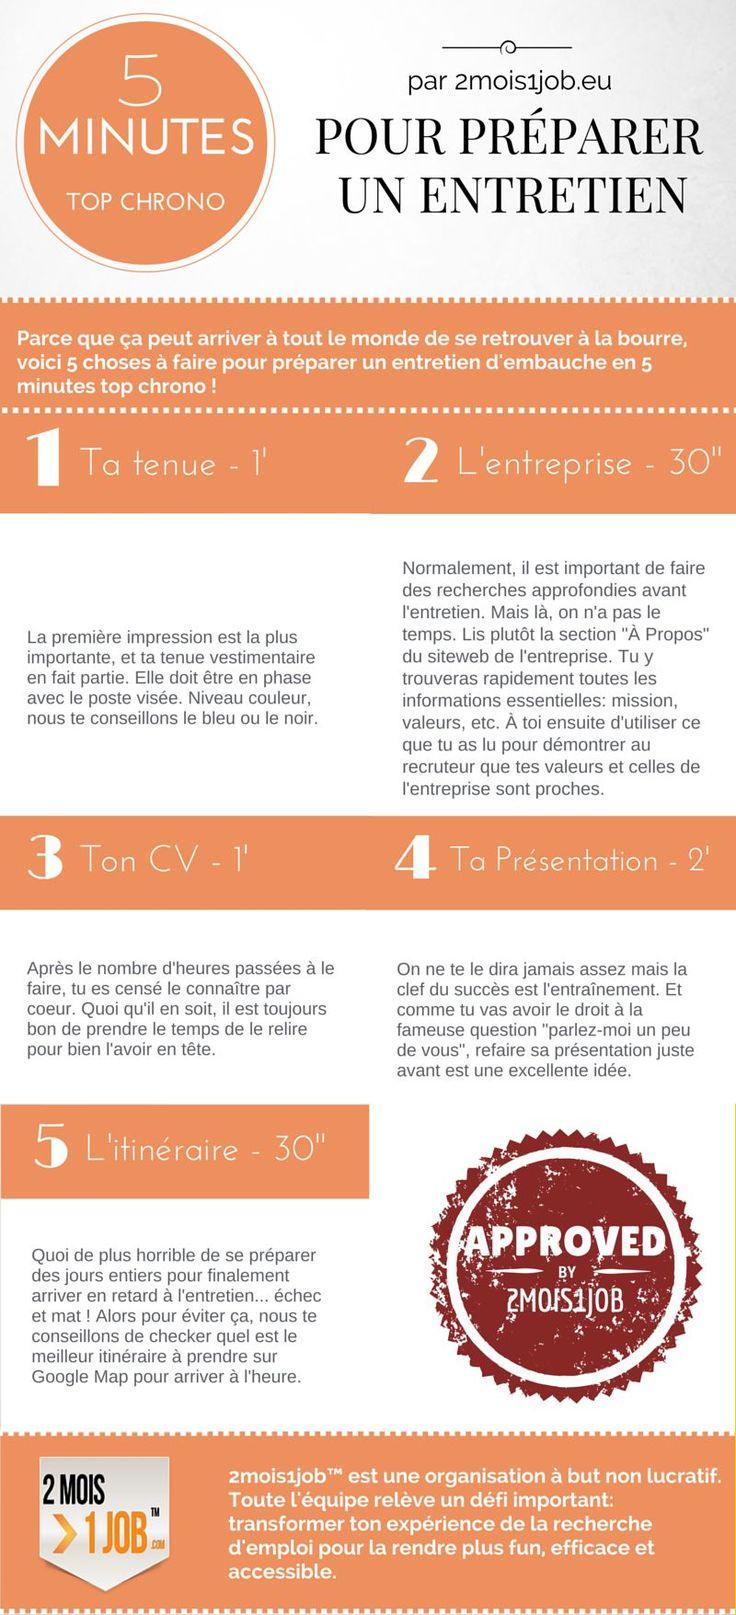 2mois1job - Le Blog - Blog